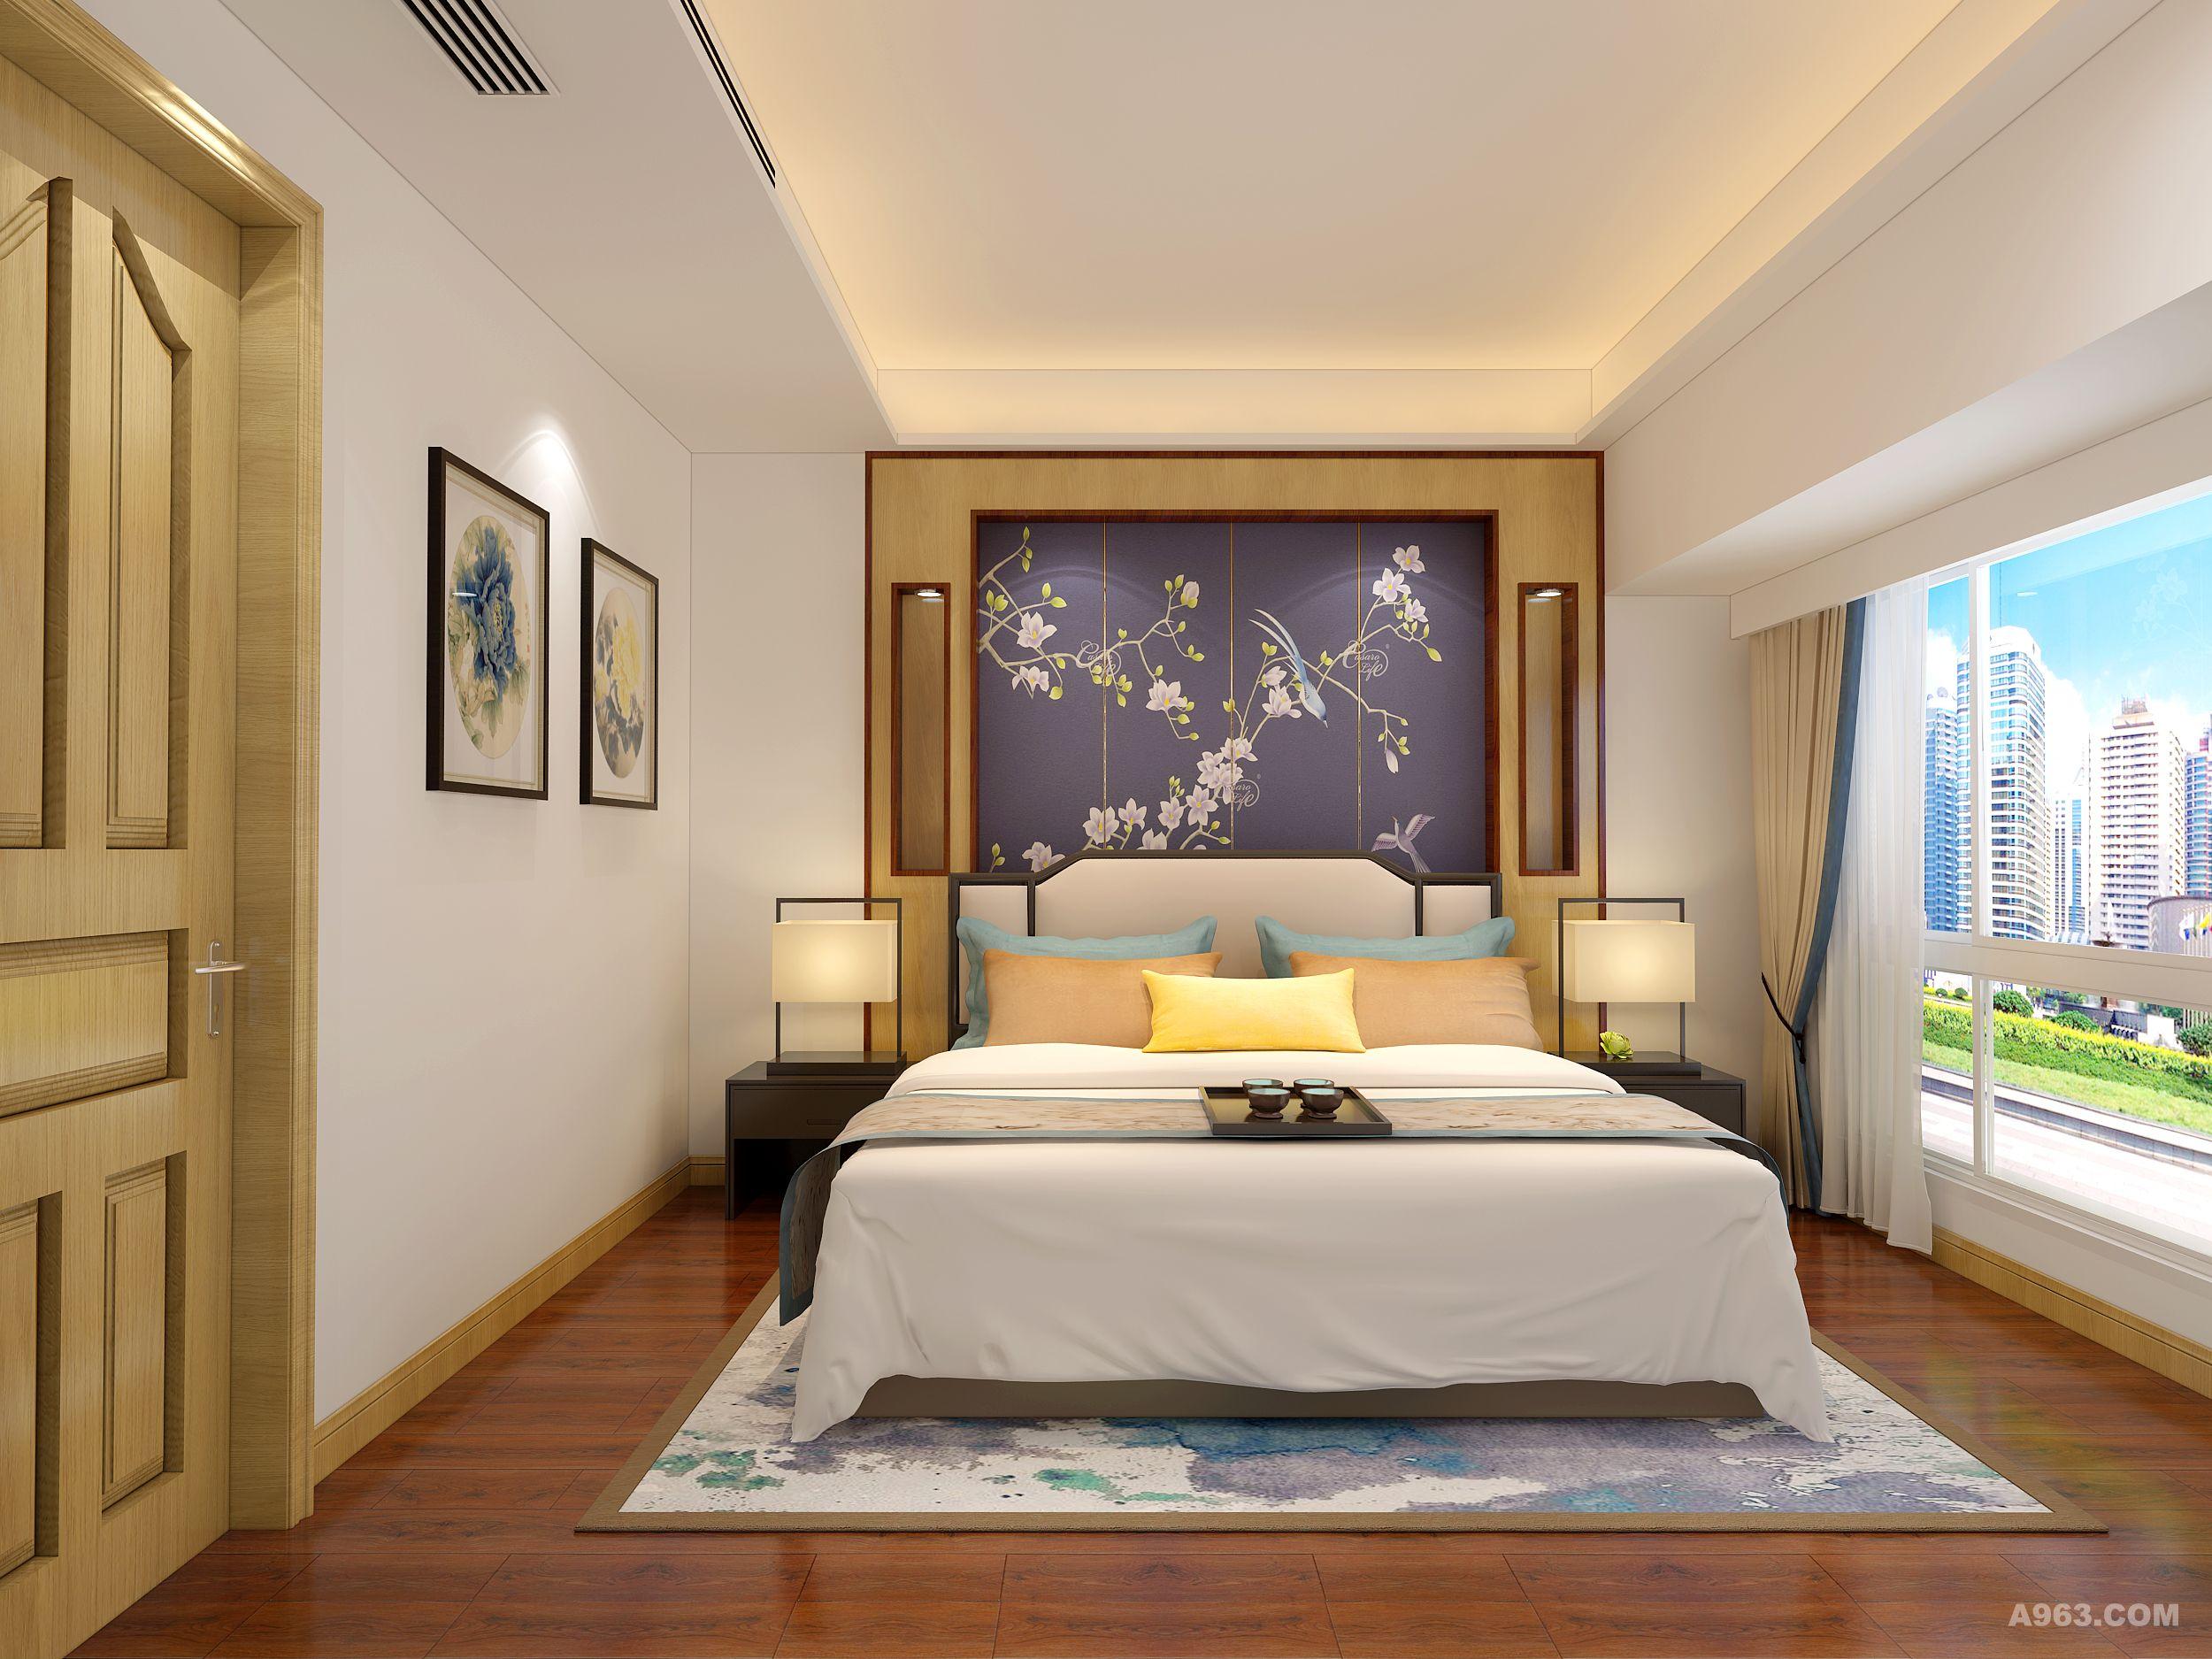 主卧室的实木纹理配合柔和的灯光,突出主人低调的品味;